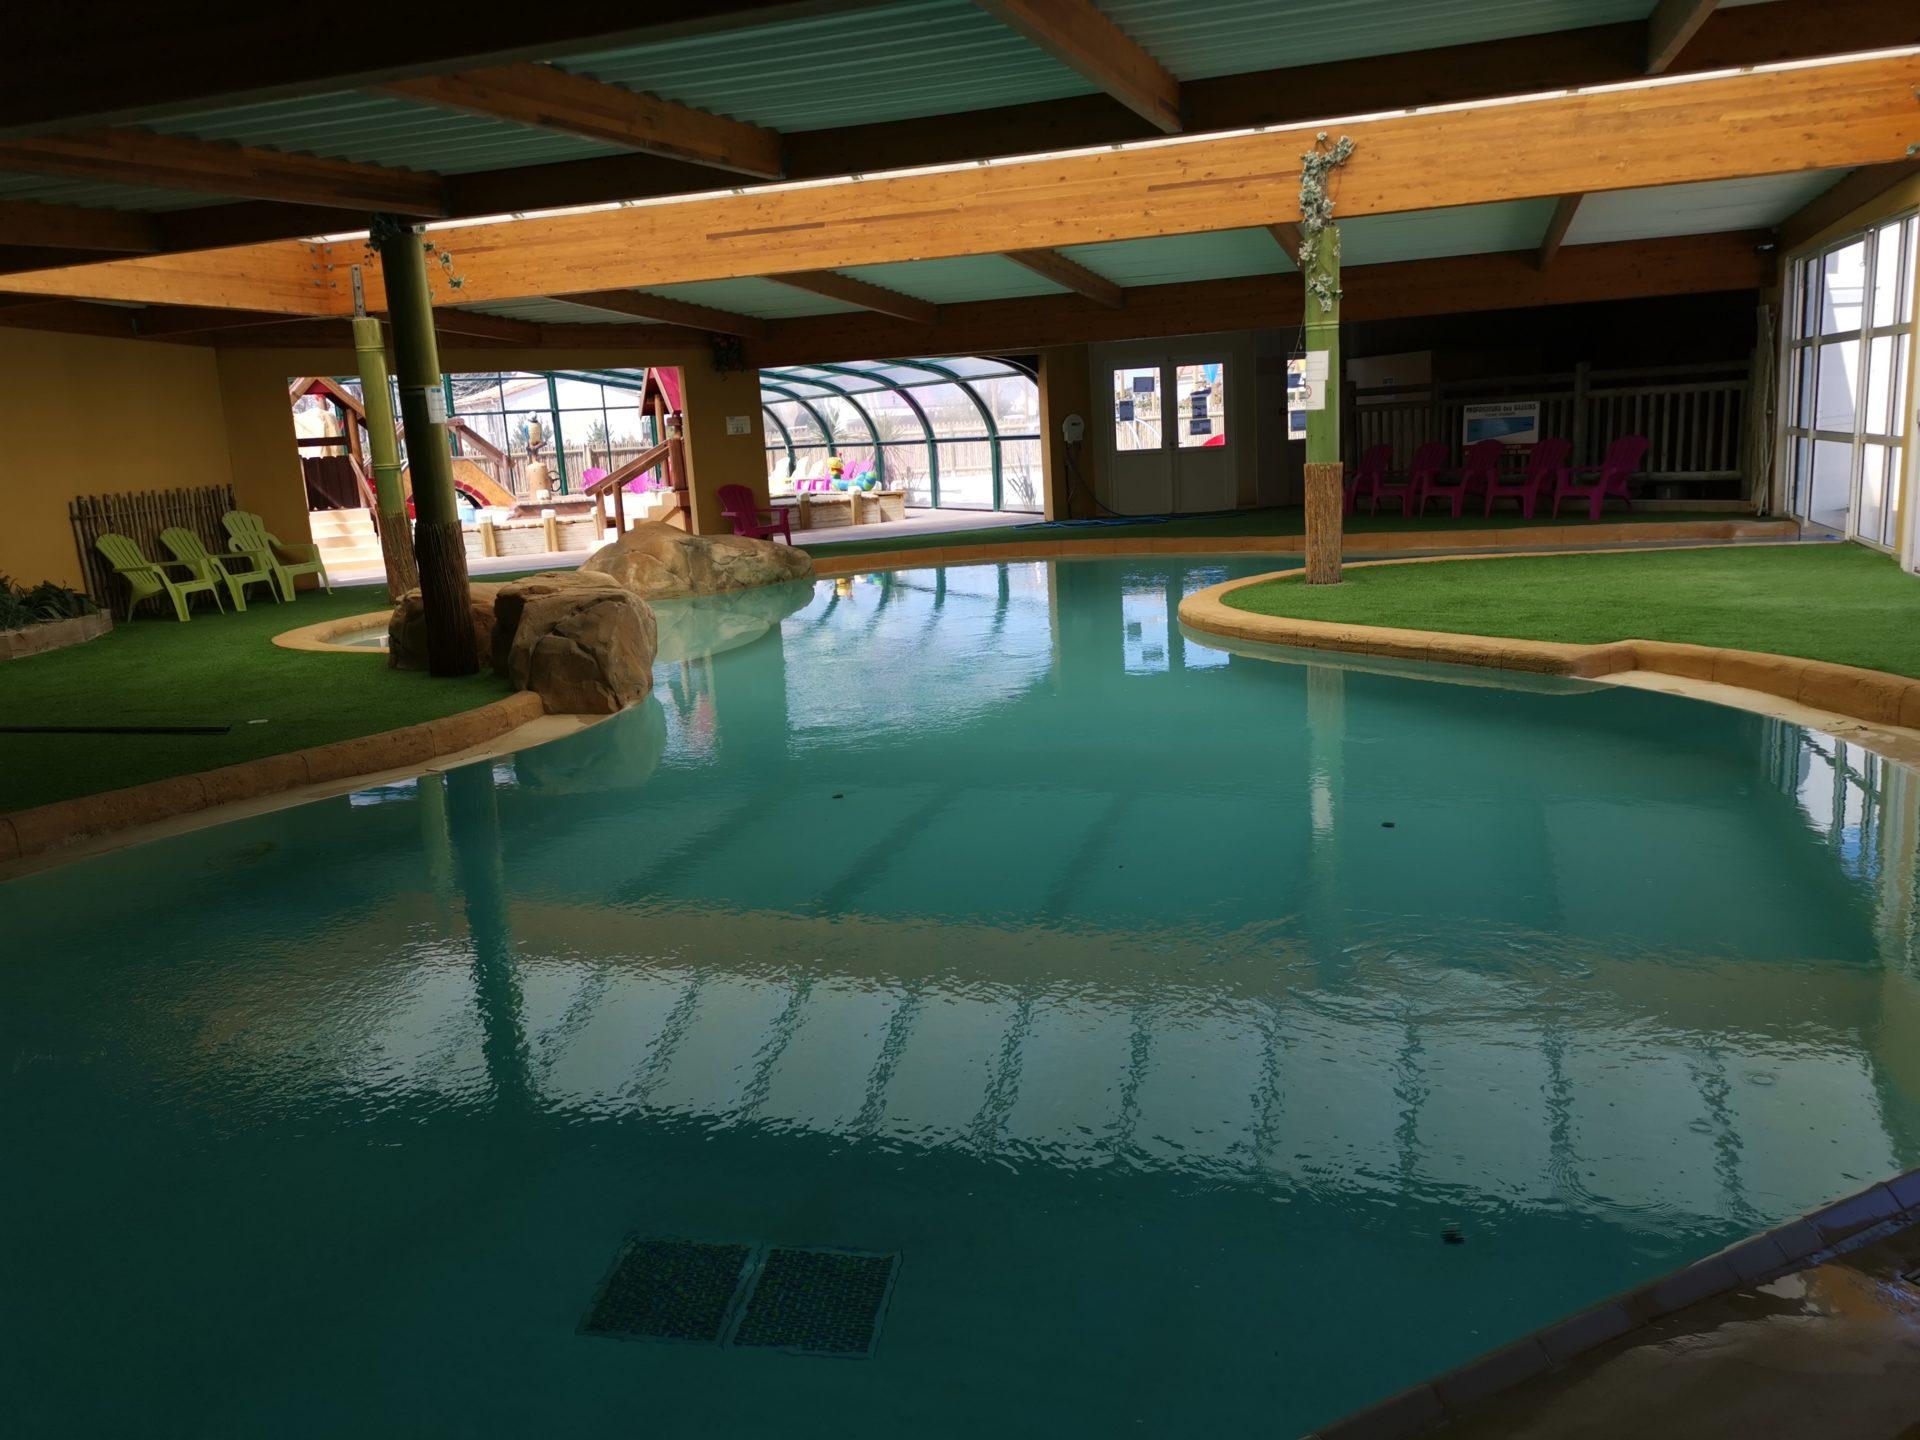 espace-aquatique-interieur-camping-domaine-oree-vendee